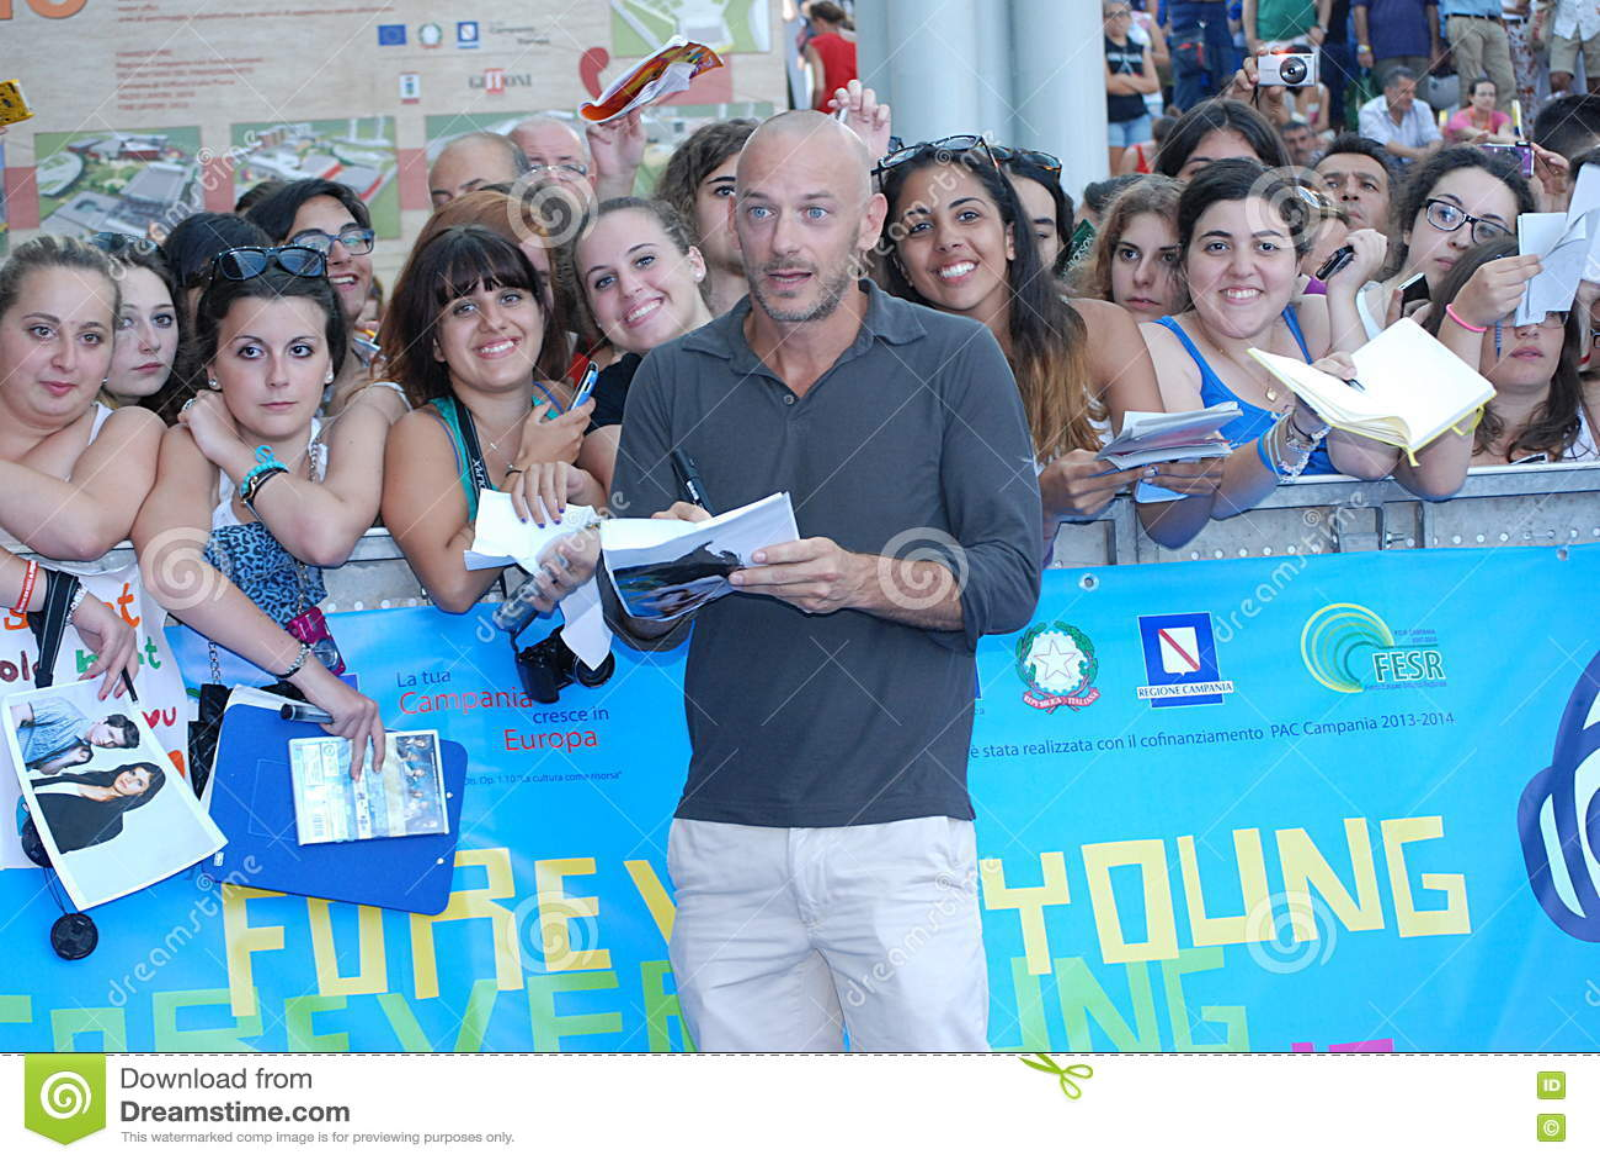 Filippo Nigro al Giffoni Film Festival 2013